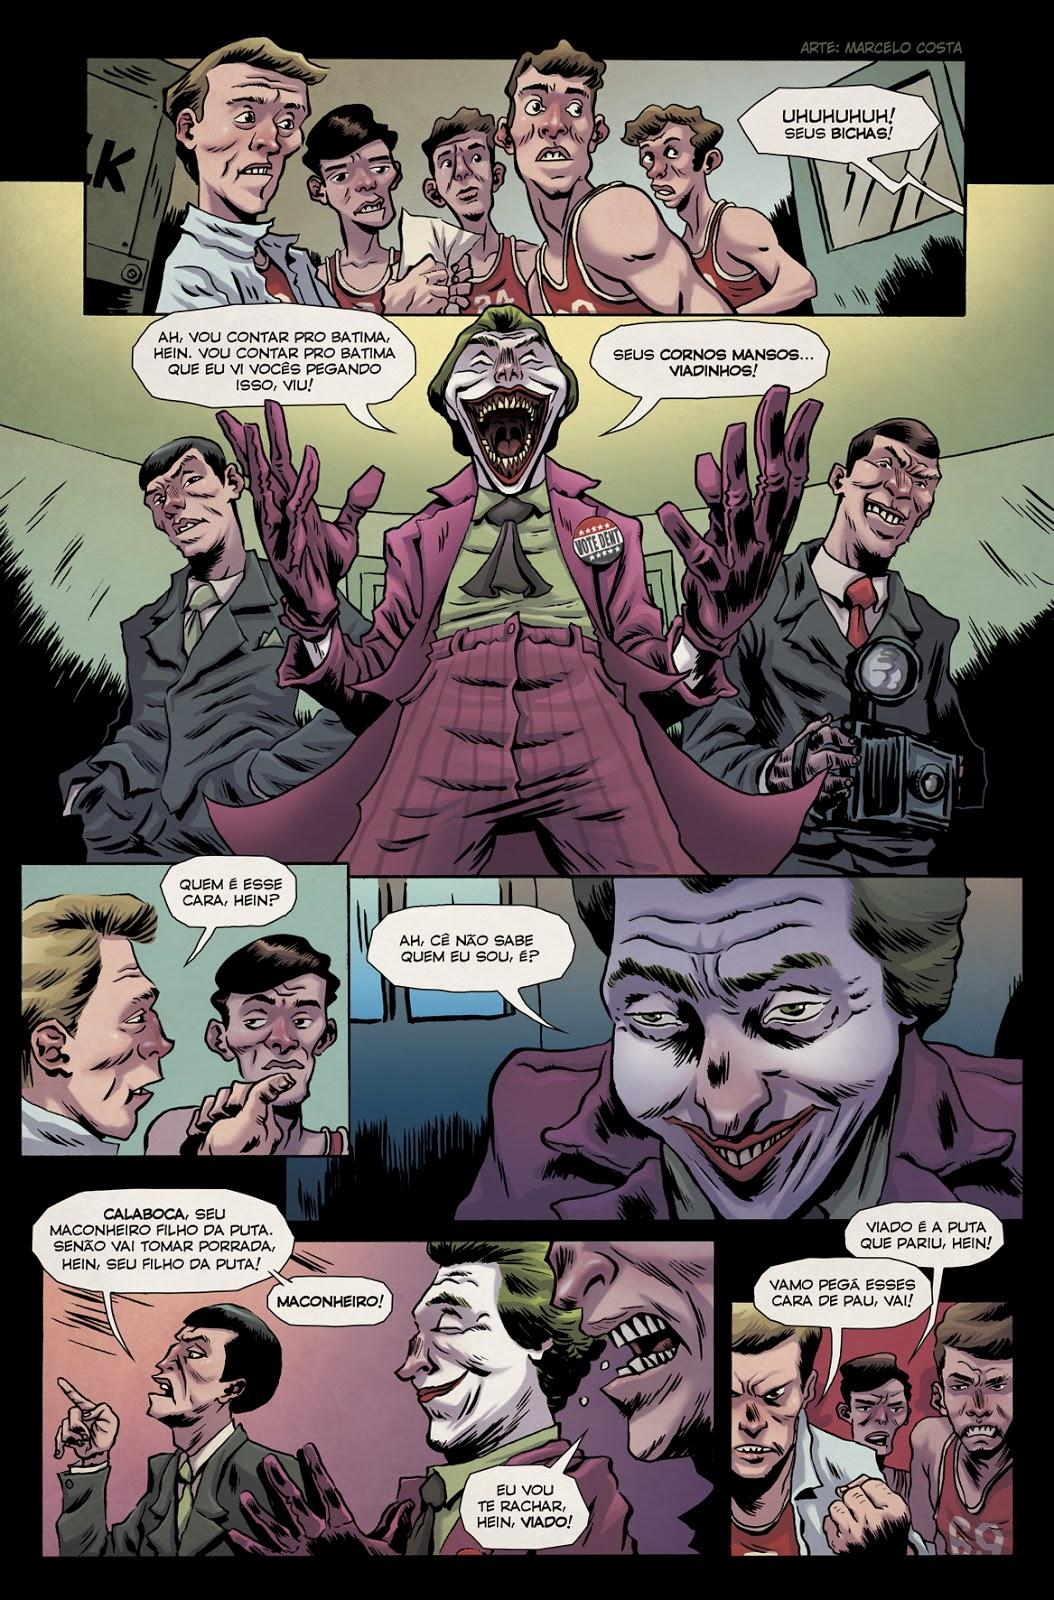 [Tópico Oficial] Batman na Feira da Fruta em Quadrinhos - Página 4 Feira+da+fruta+27_2